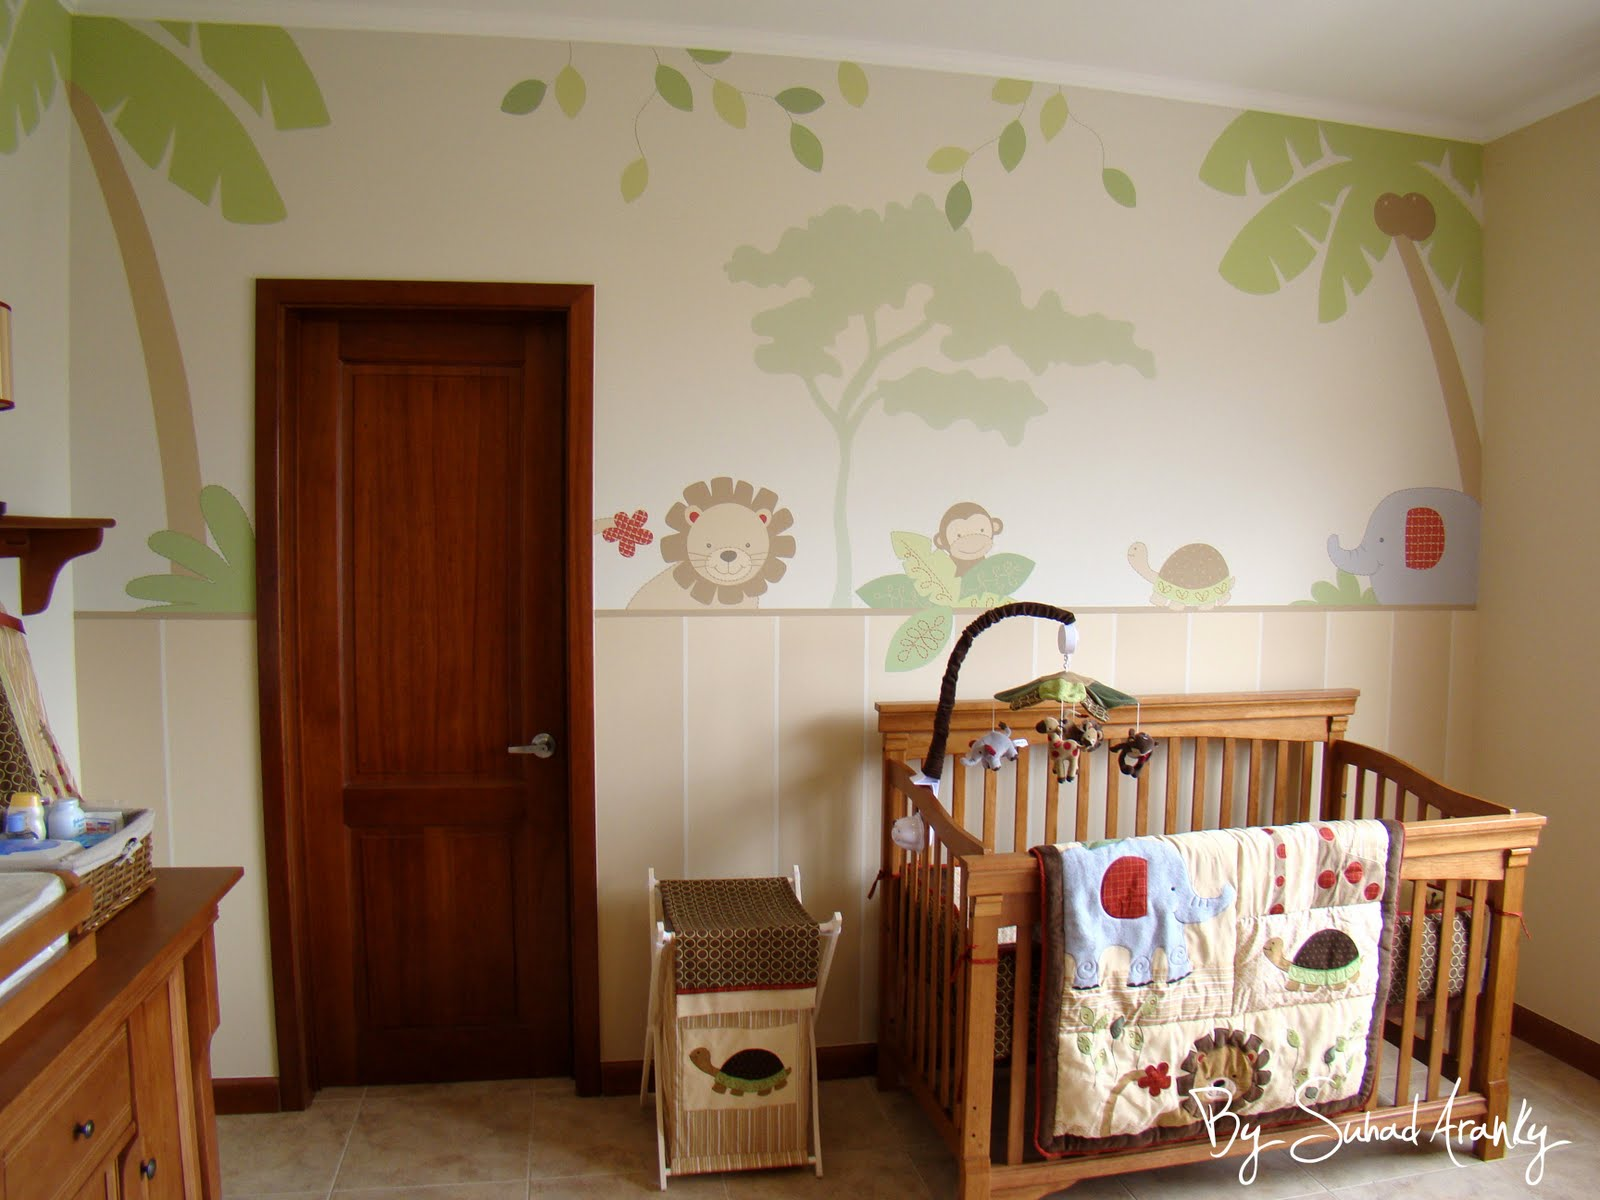 Murales para cuartos de bebe imagui - Cuarto de bebe ...